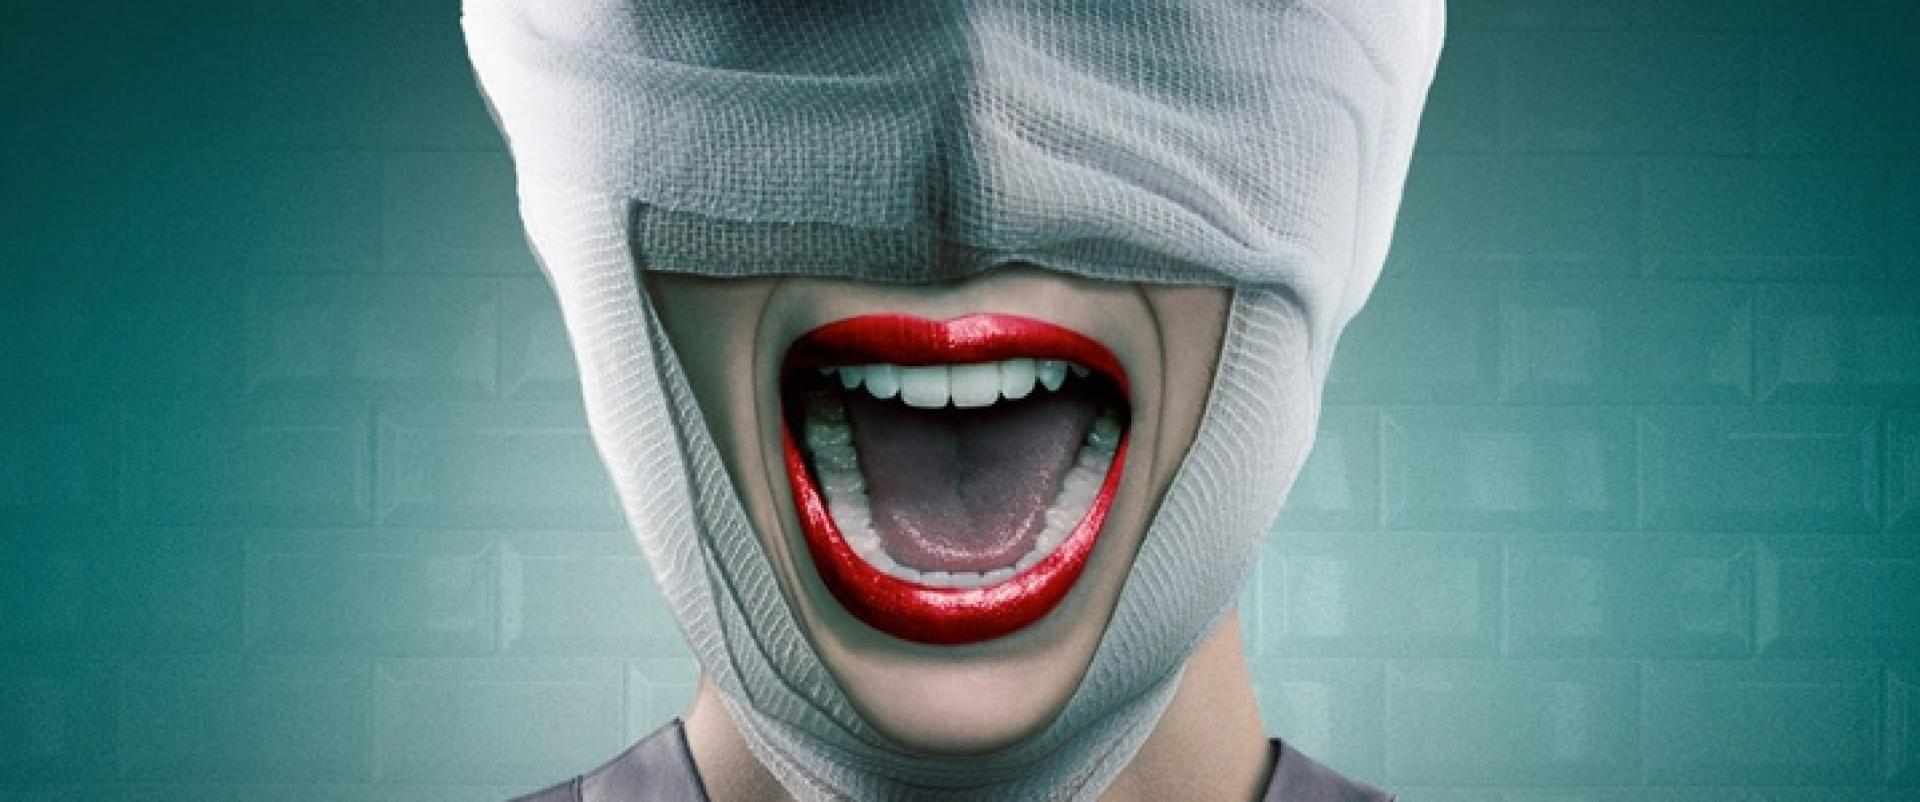 Scream Queens 2x02